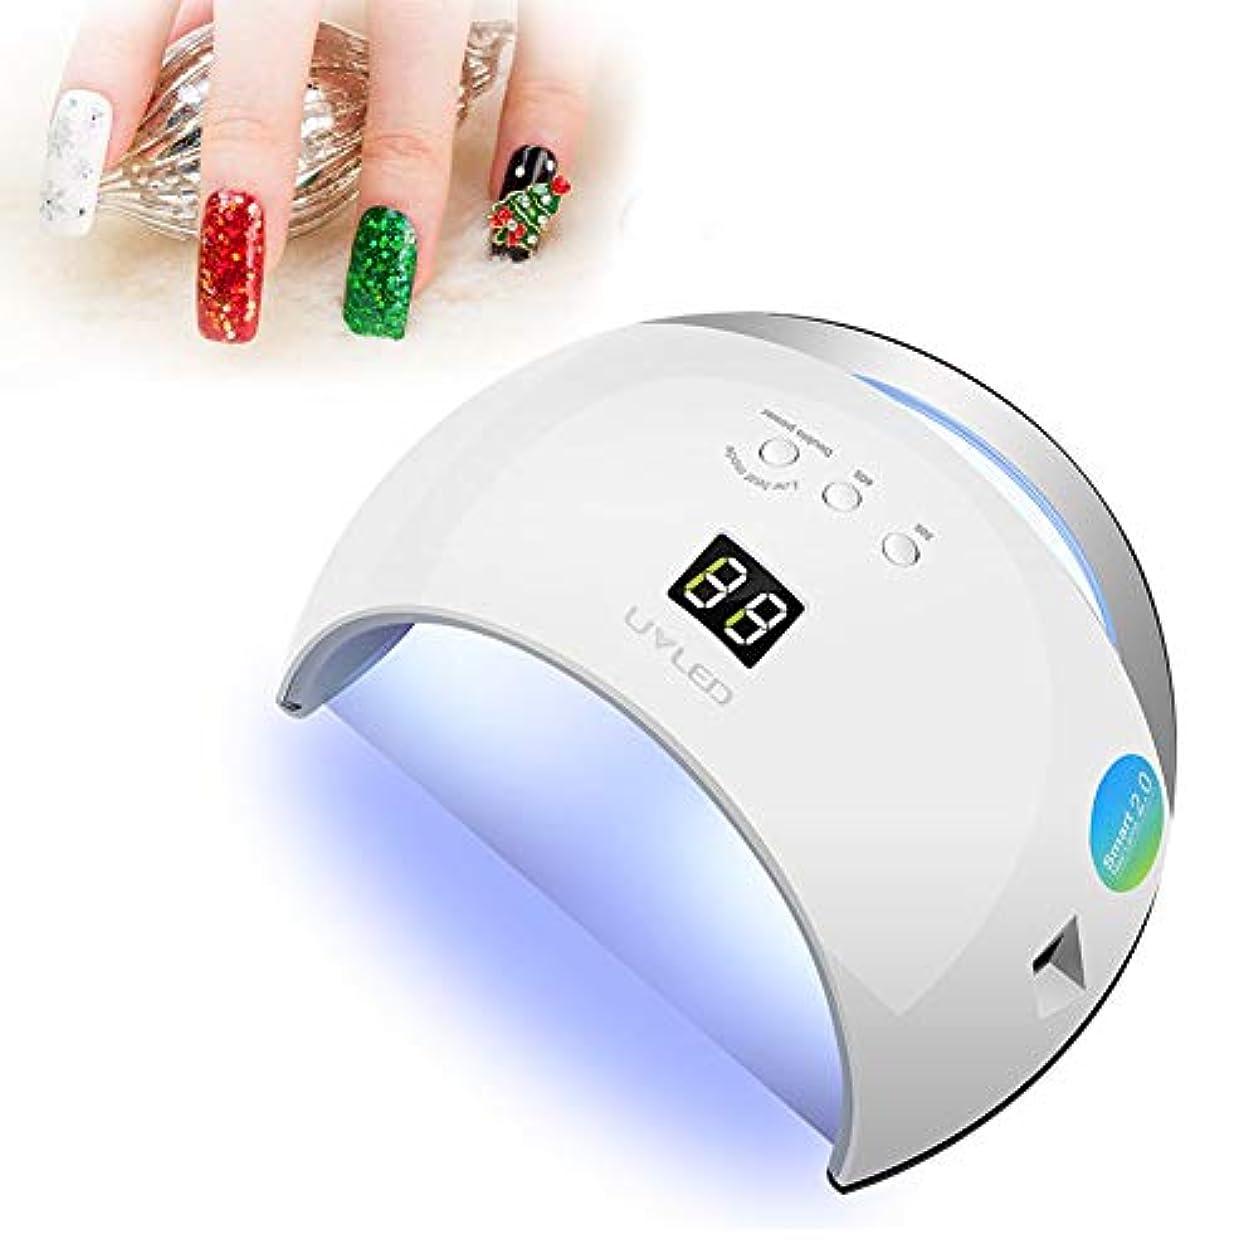 変更スクレーパーやさしいネイルグルー用LED UVランプ、ゲル研磨用48Wクイックネイルドライヤー、ネイルライト、インテリジェント自動検知、ネイル用サロン品質プロフェッショナルジェルライ